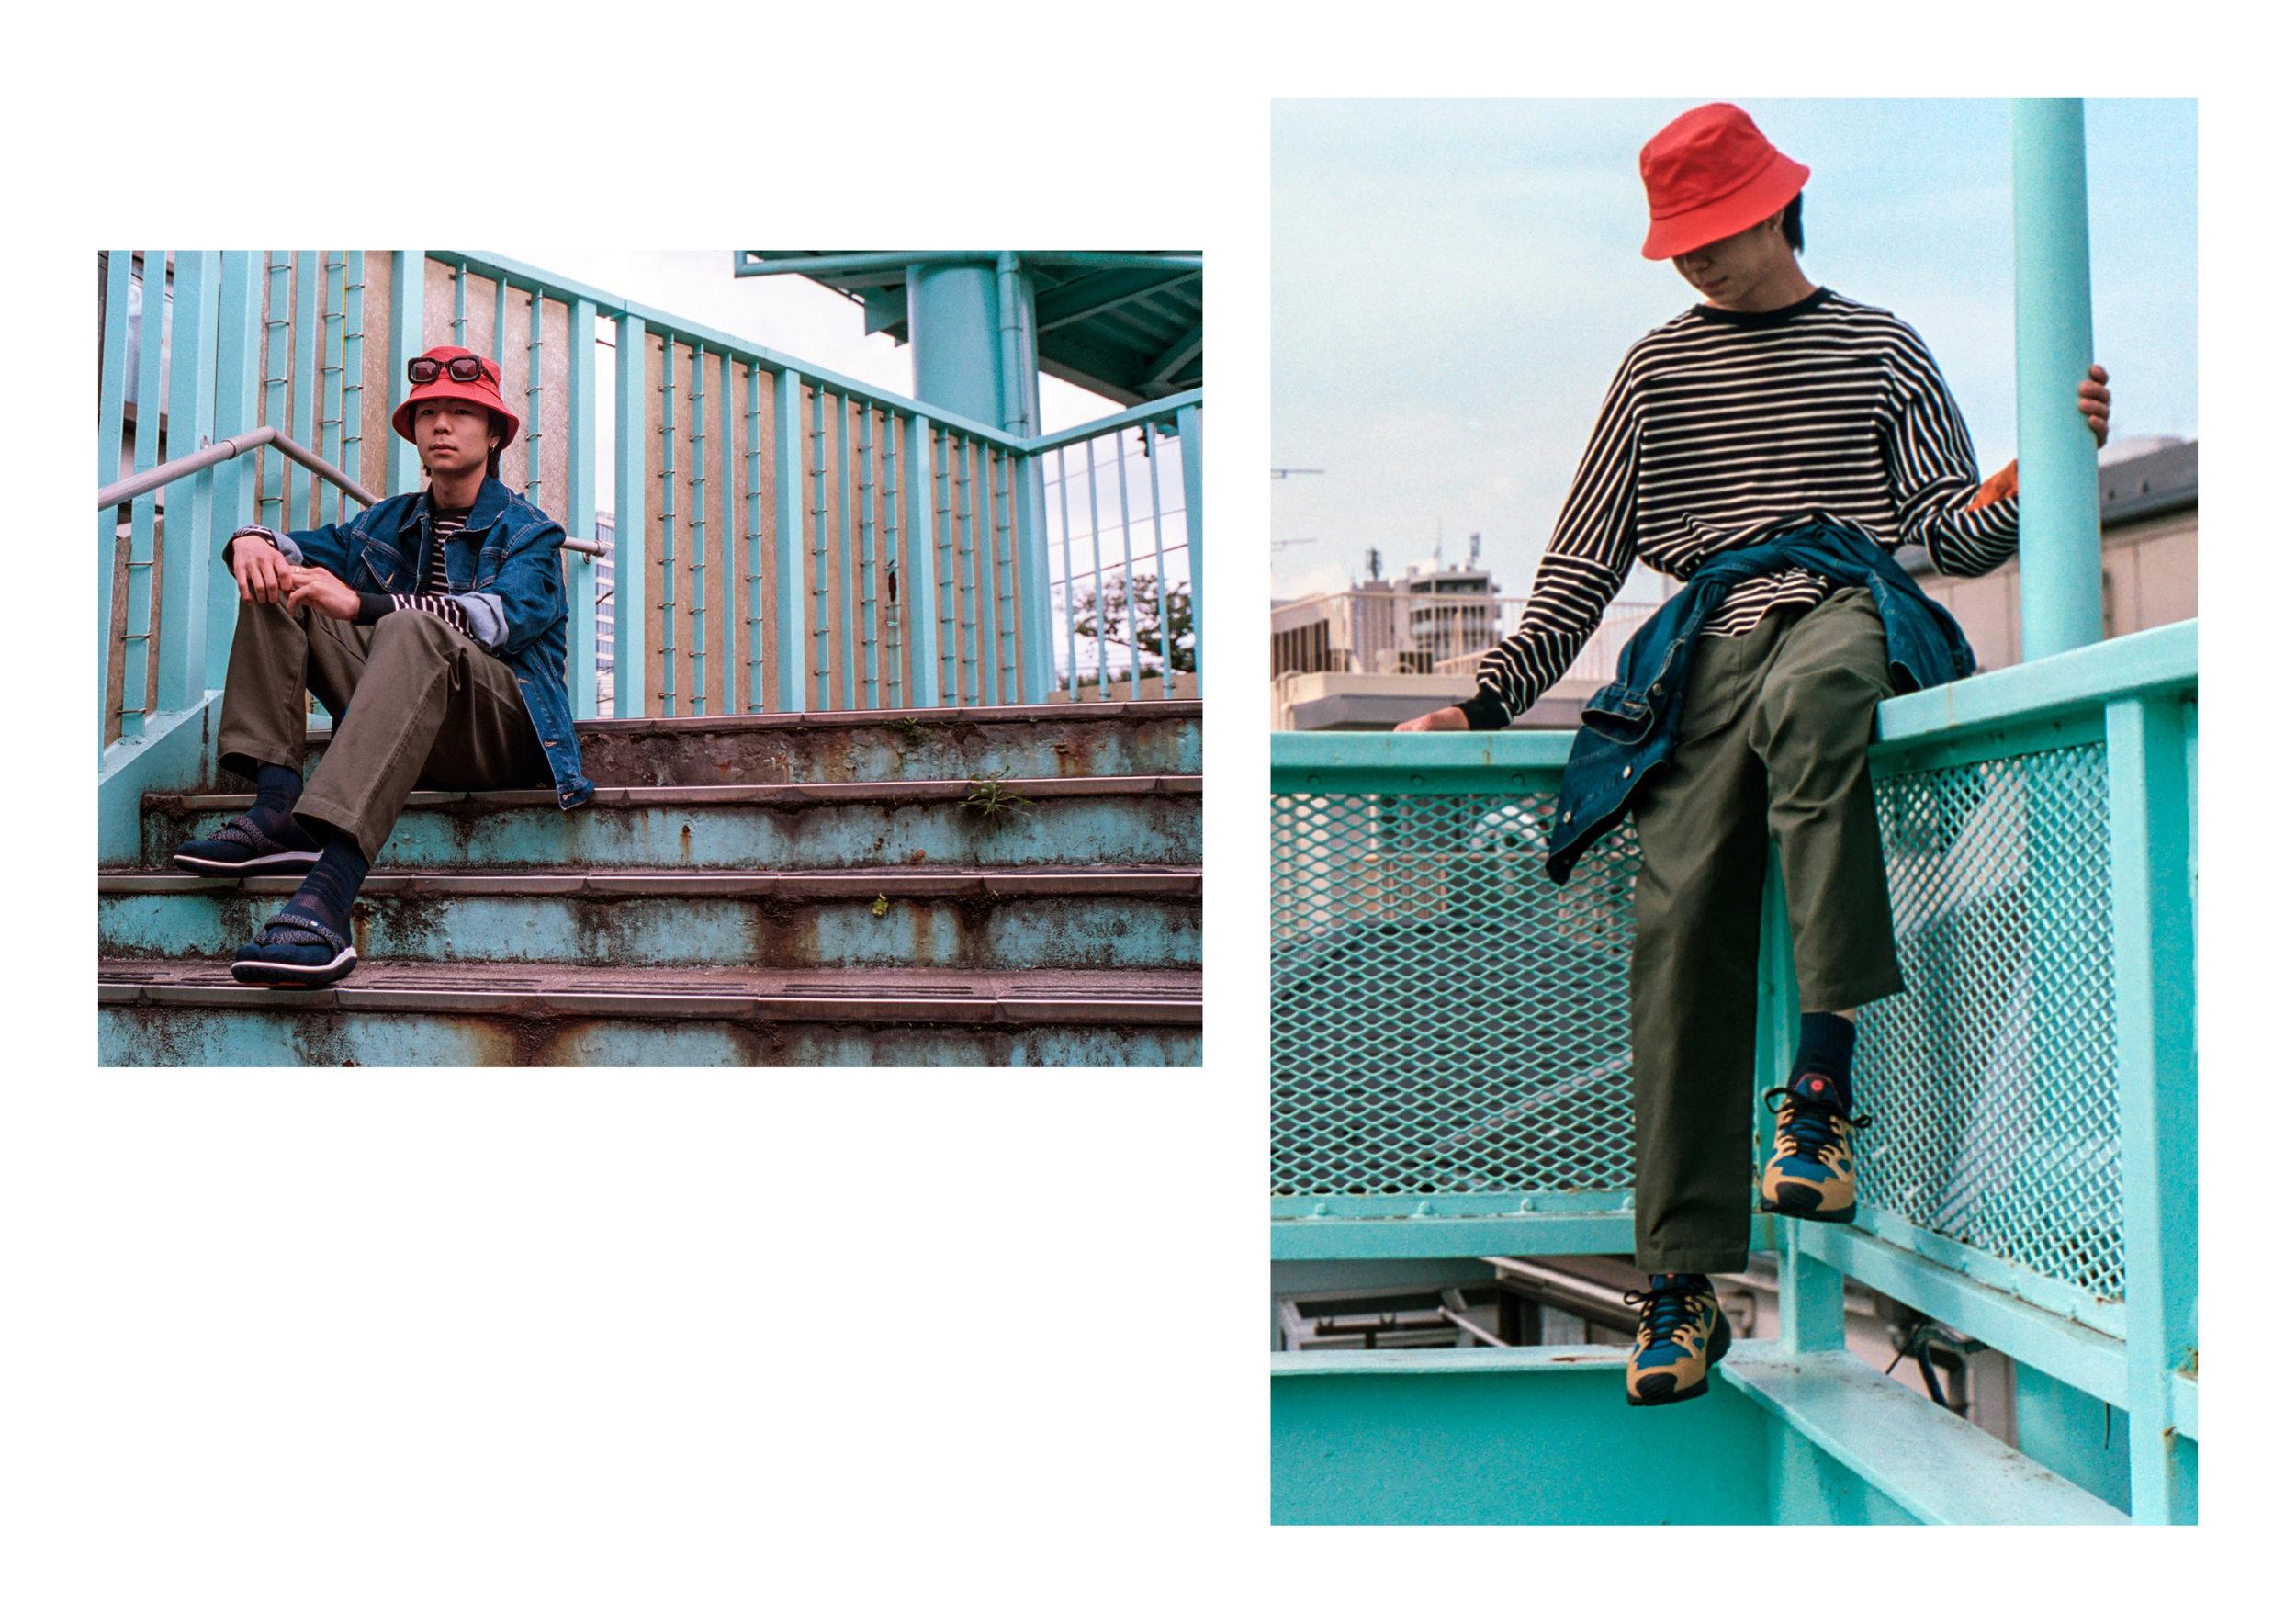 Jacket - Katherine Hammet, Top - Unrivalled, Pants - WoodWood, Footwear - Hi Tec Japan, Hat - YMC